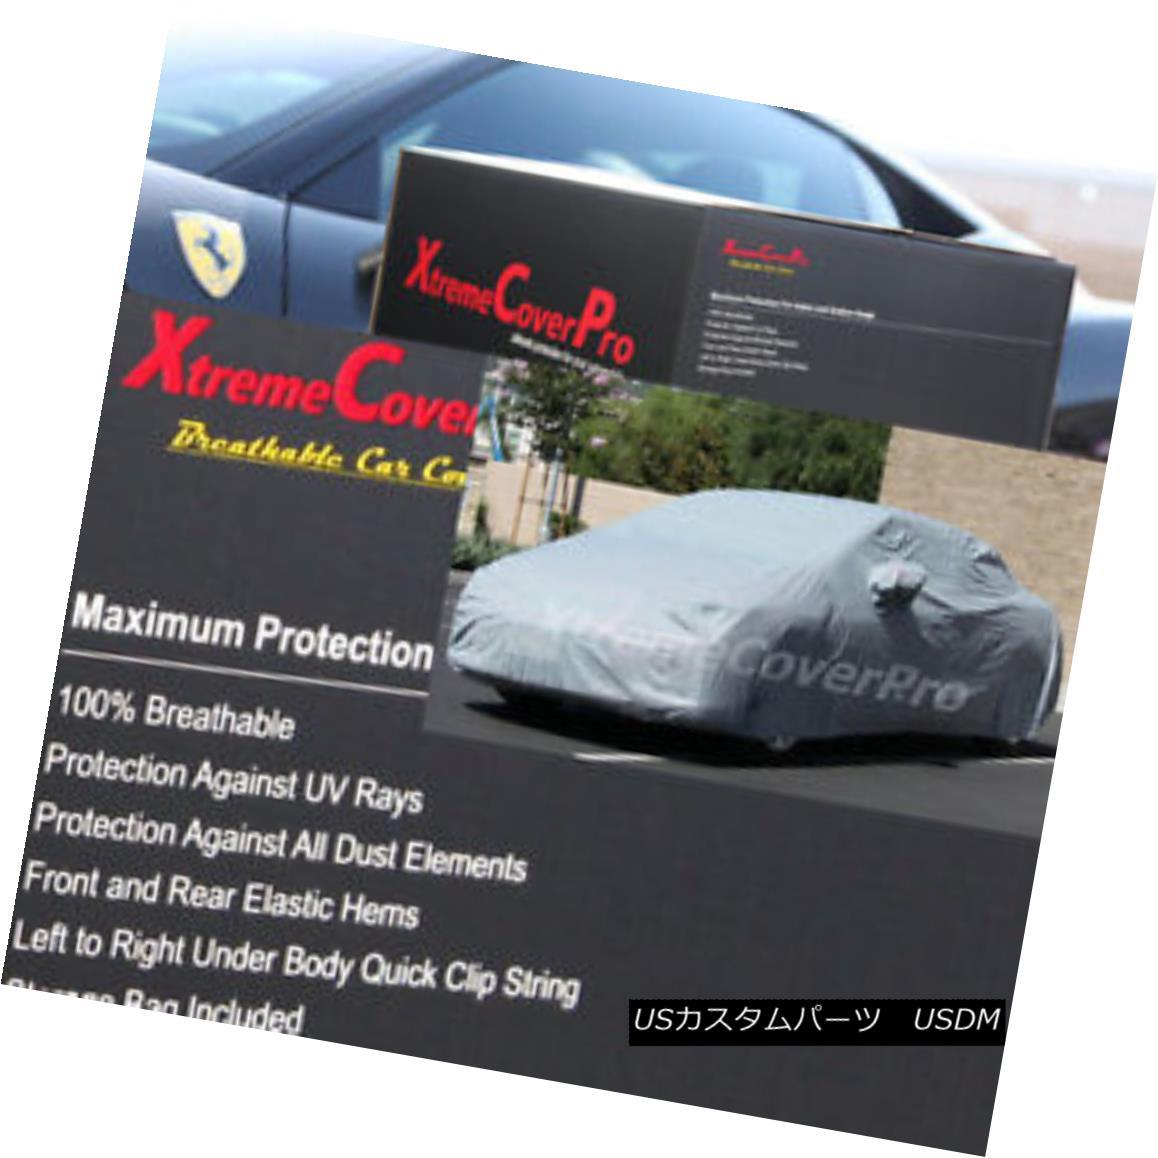 カーカバー 2005 2006 2007 2008 Porsche 911 TURBO / S Breathable Car Cover w/MirrorPocket 2005 2006 2007 2008ポルシェ911 TURBO / Sミラーポケット付き通気性車カバー